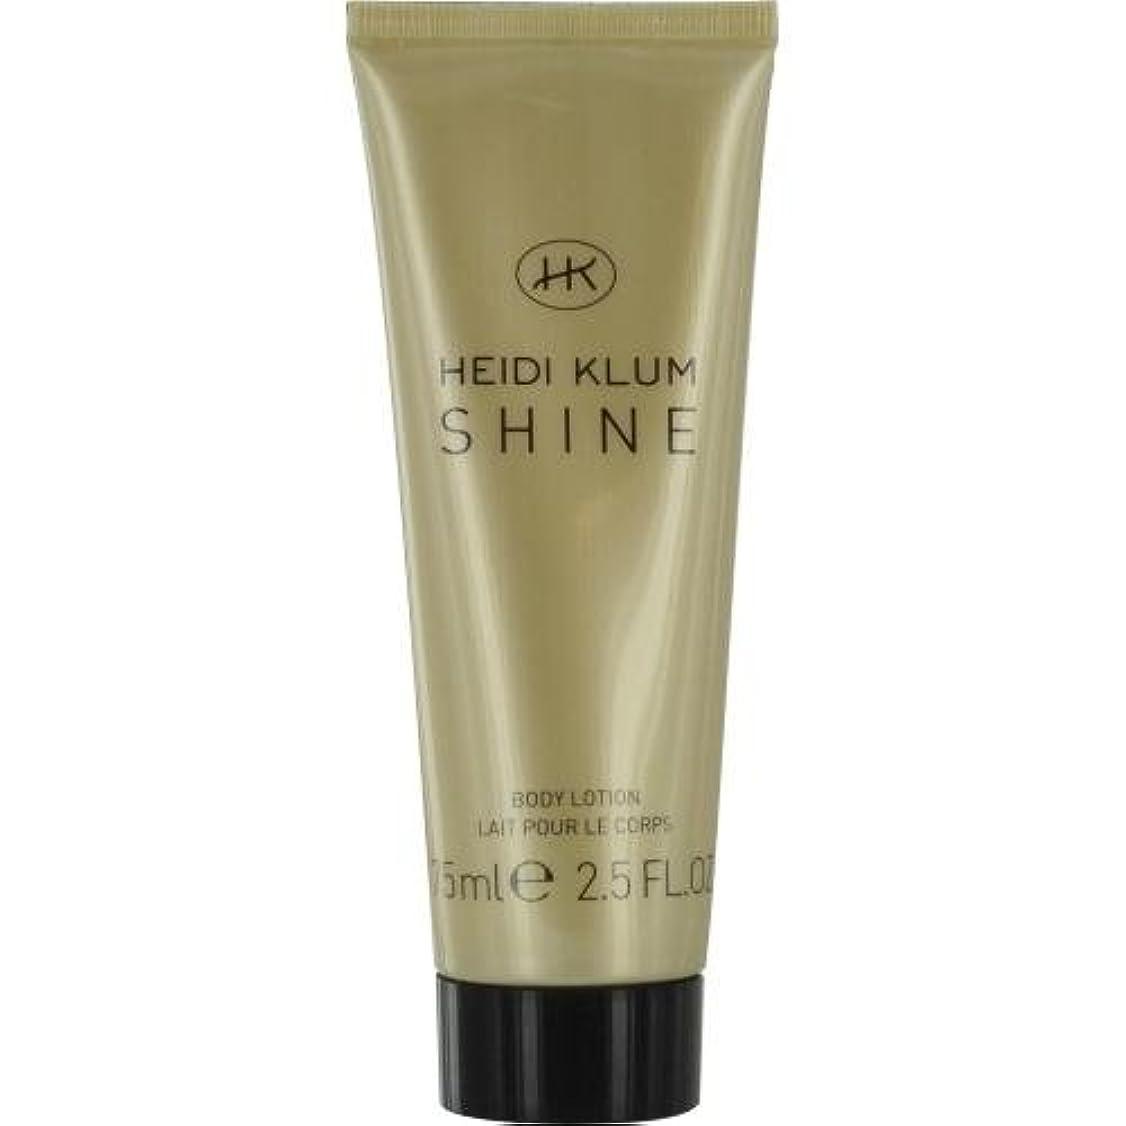 集中シェル腐敗したHEIDI KLUM SHINE by Heidi Klum BODY LOTION 2.5 OZ for WOMEN by Heidi Klum